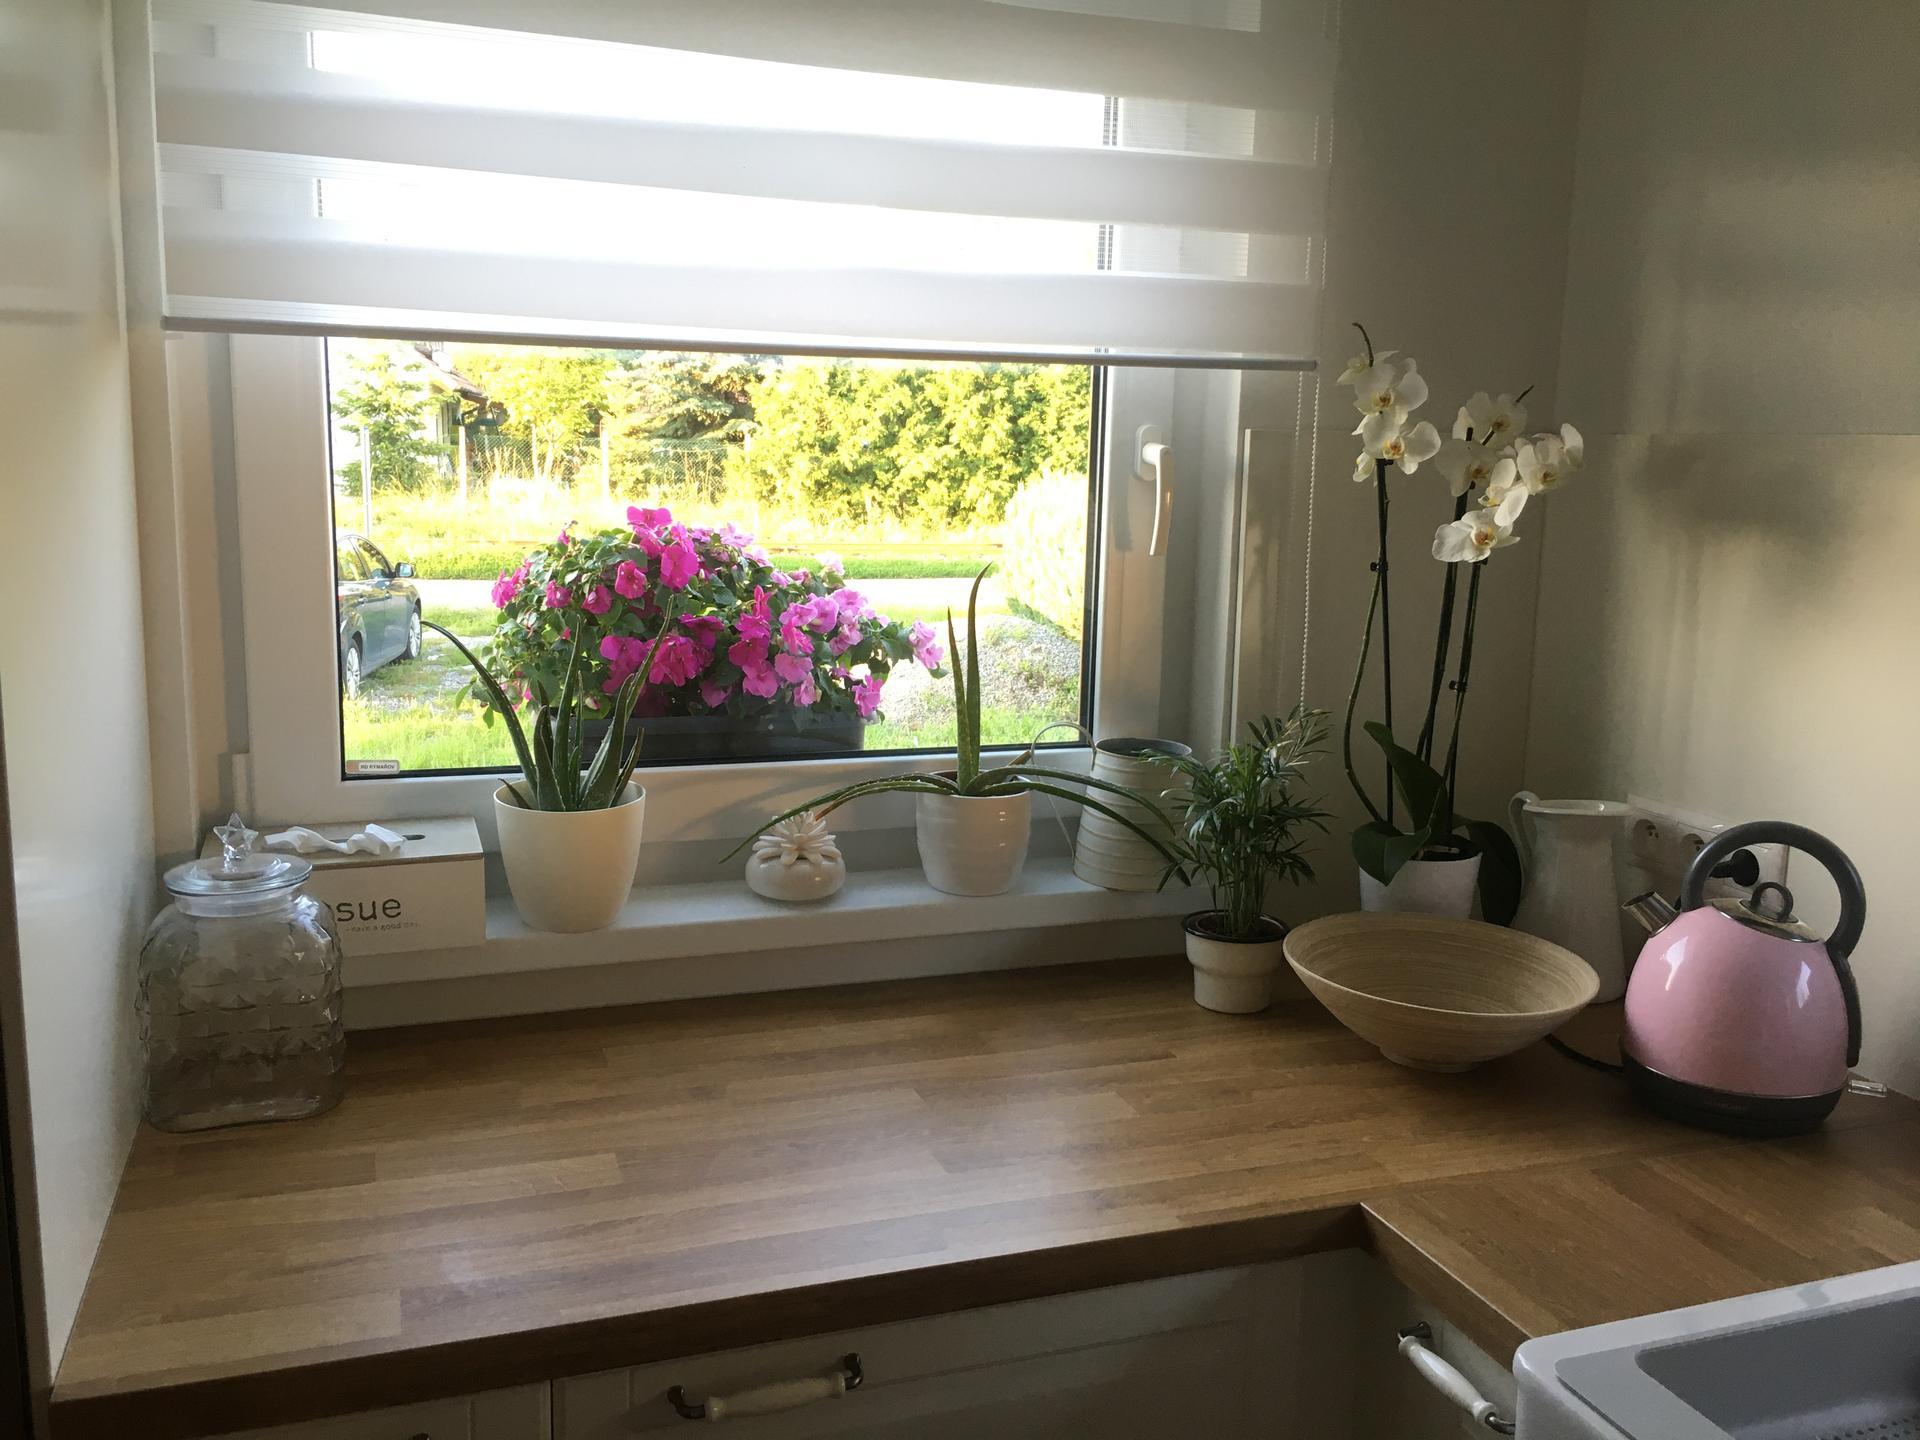 Naše kuchyň 2020 - Moje květinová džungle